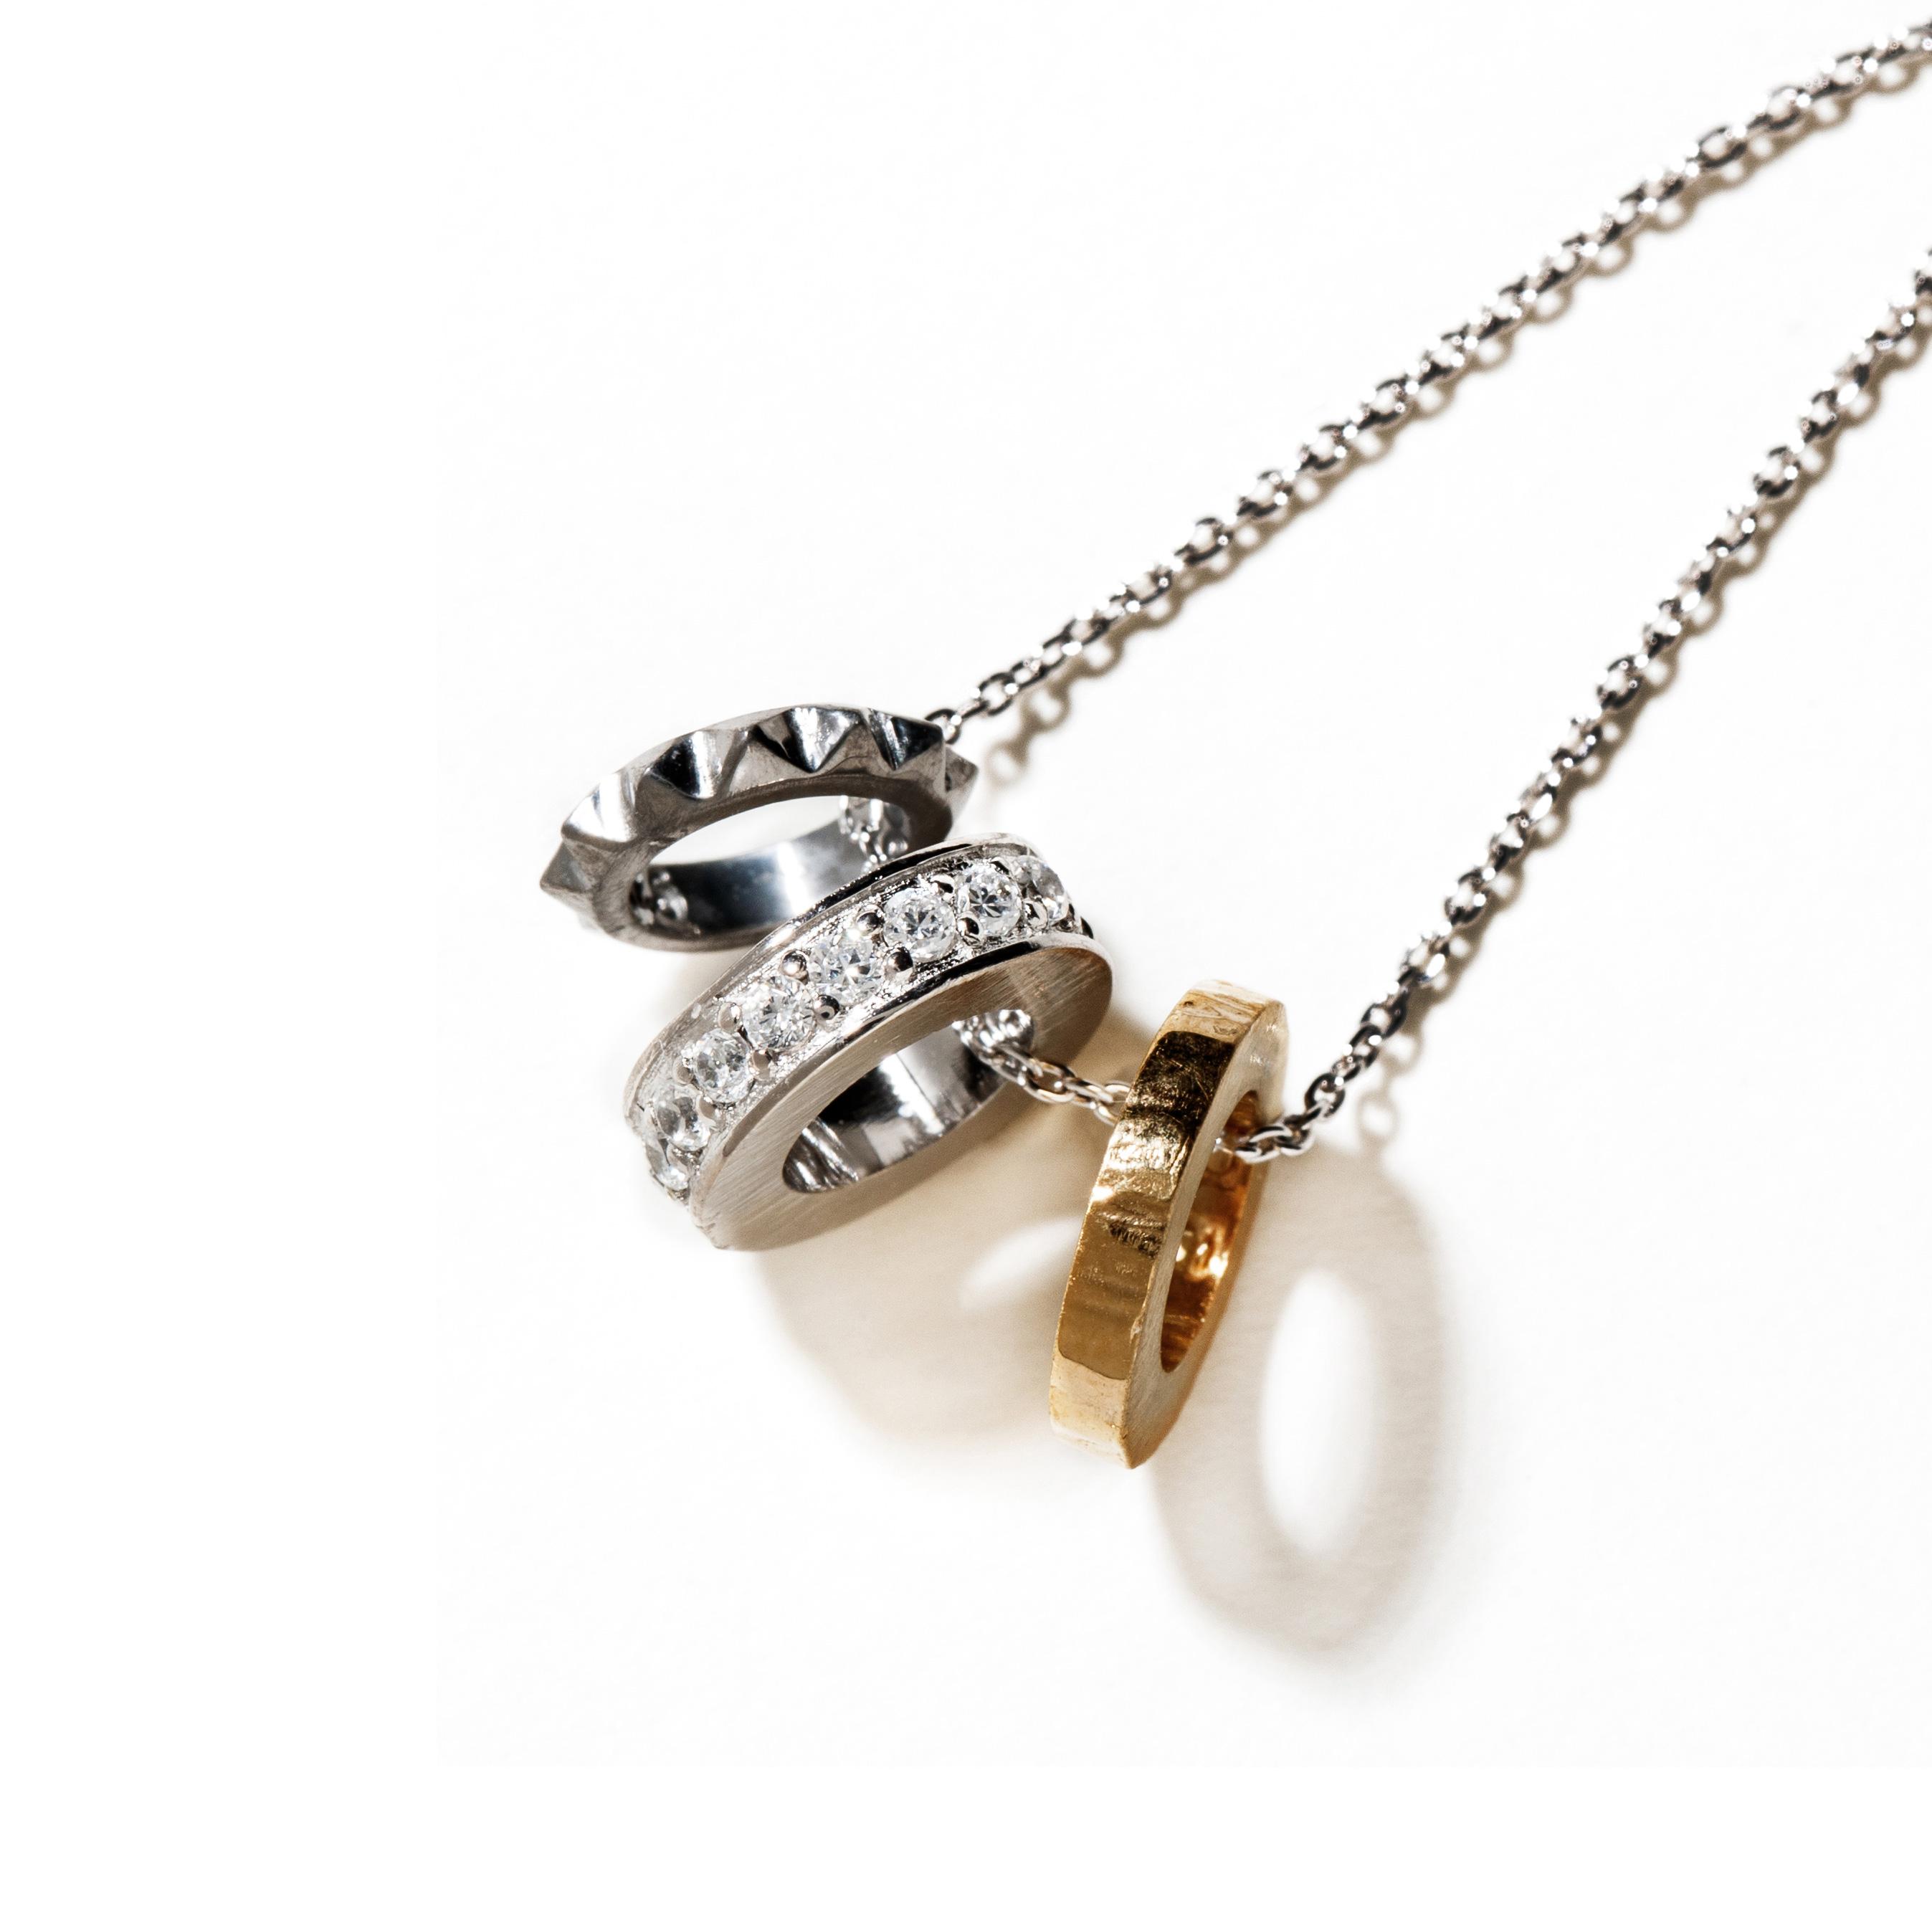 【DUB collection|ダブコレクション】Trinity Ring Necklace トリニティリングネックレス DUBj-385-1【ユニセックス】